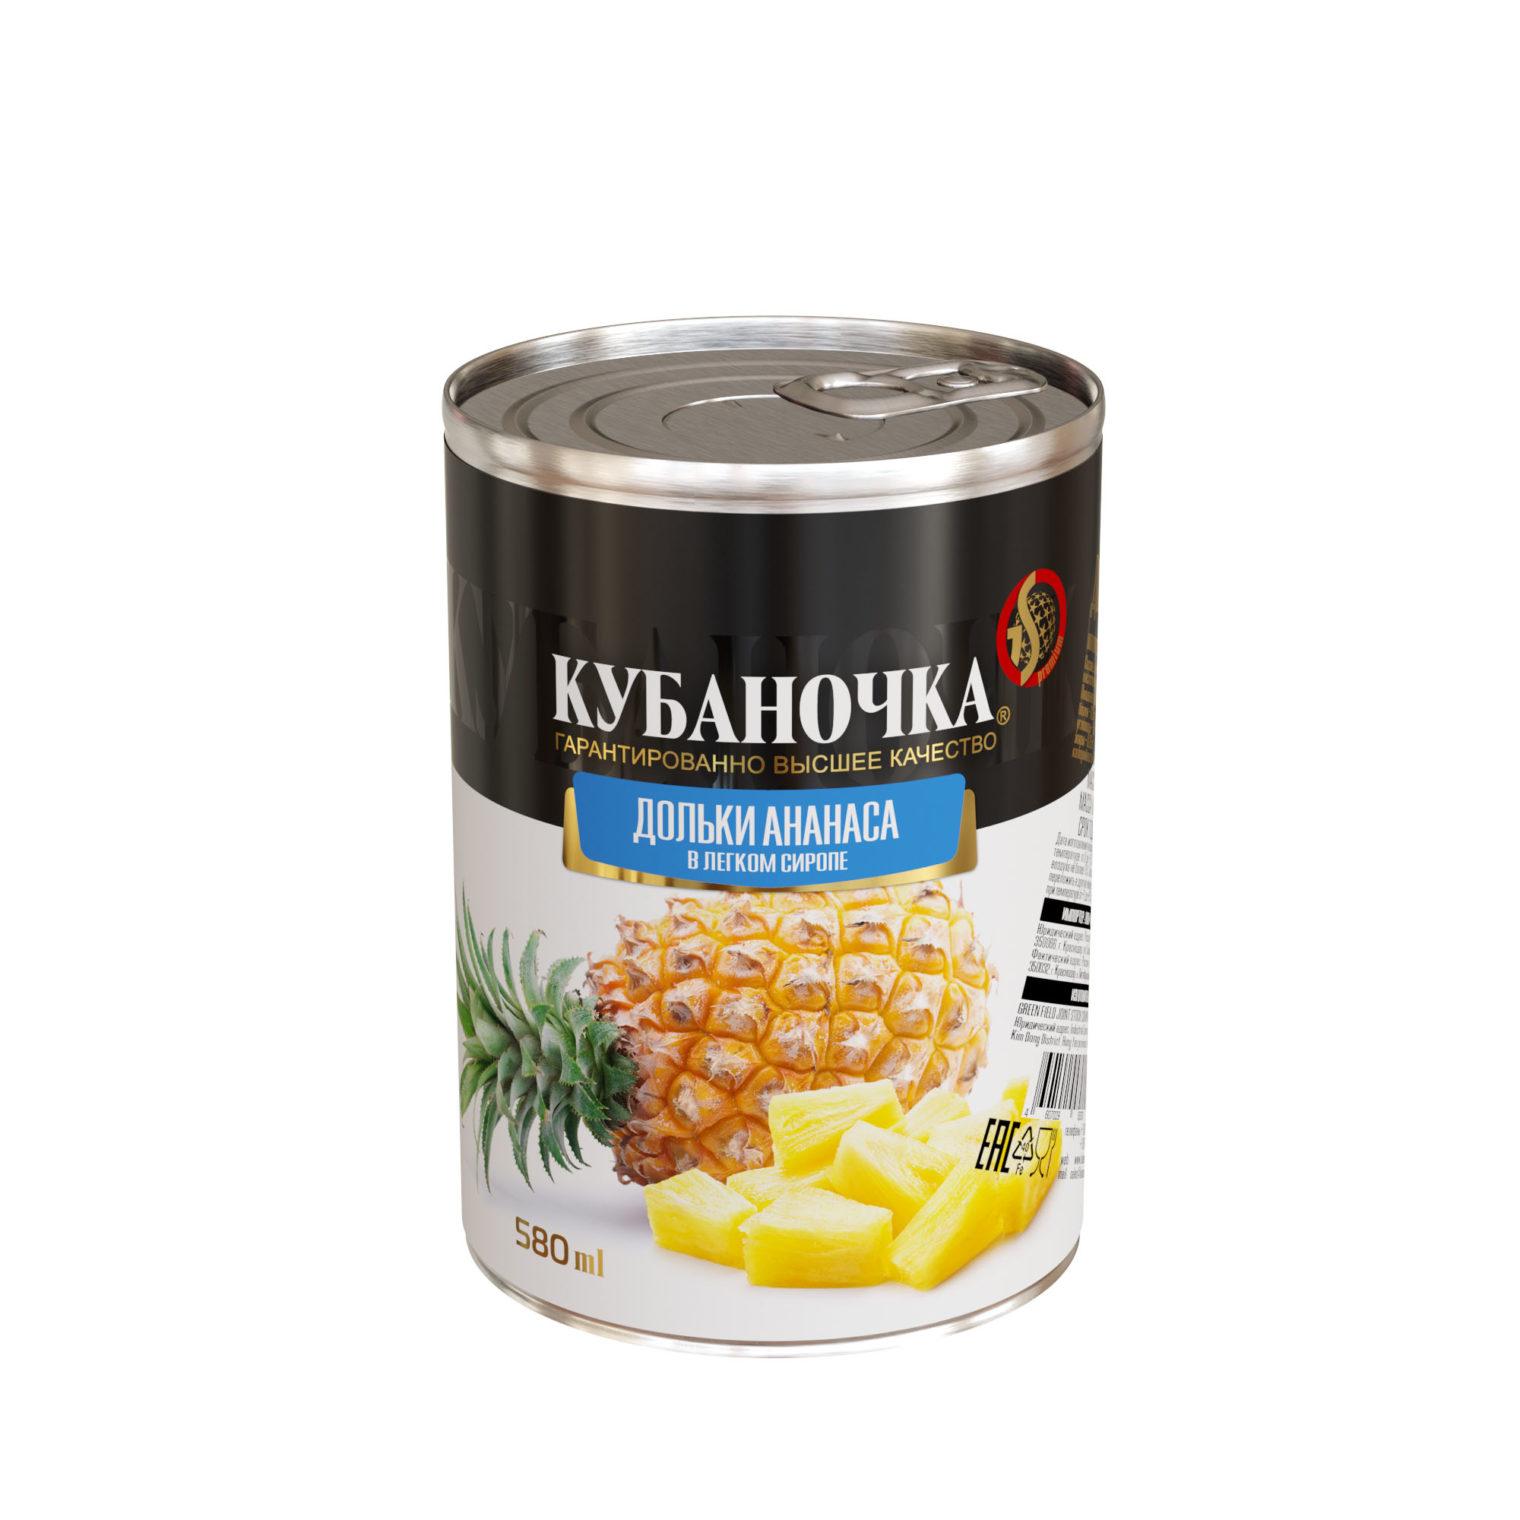 Дольки ананаса в легком сиропе, Масса: 565 г